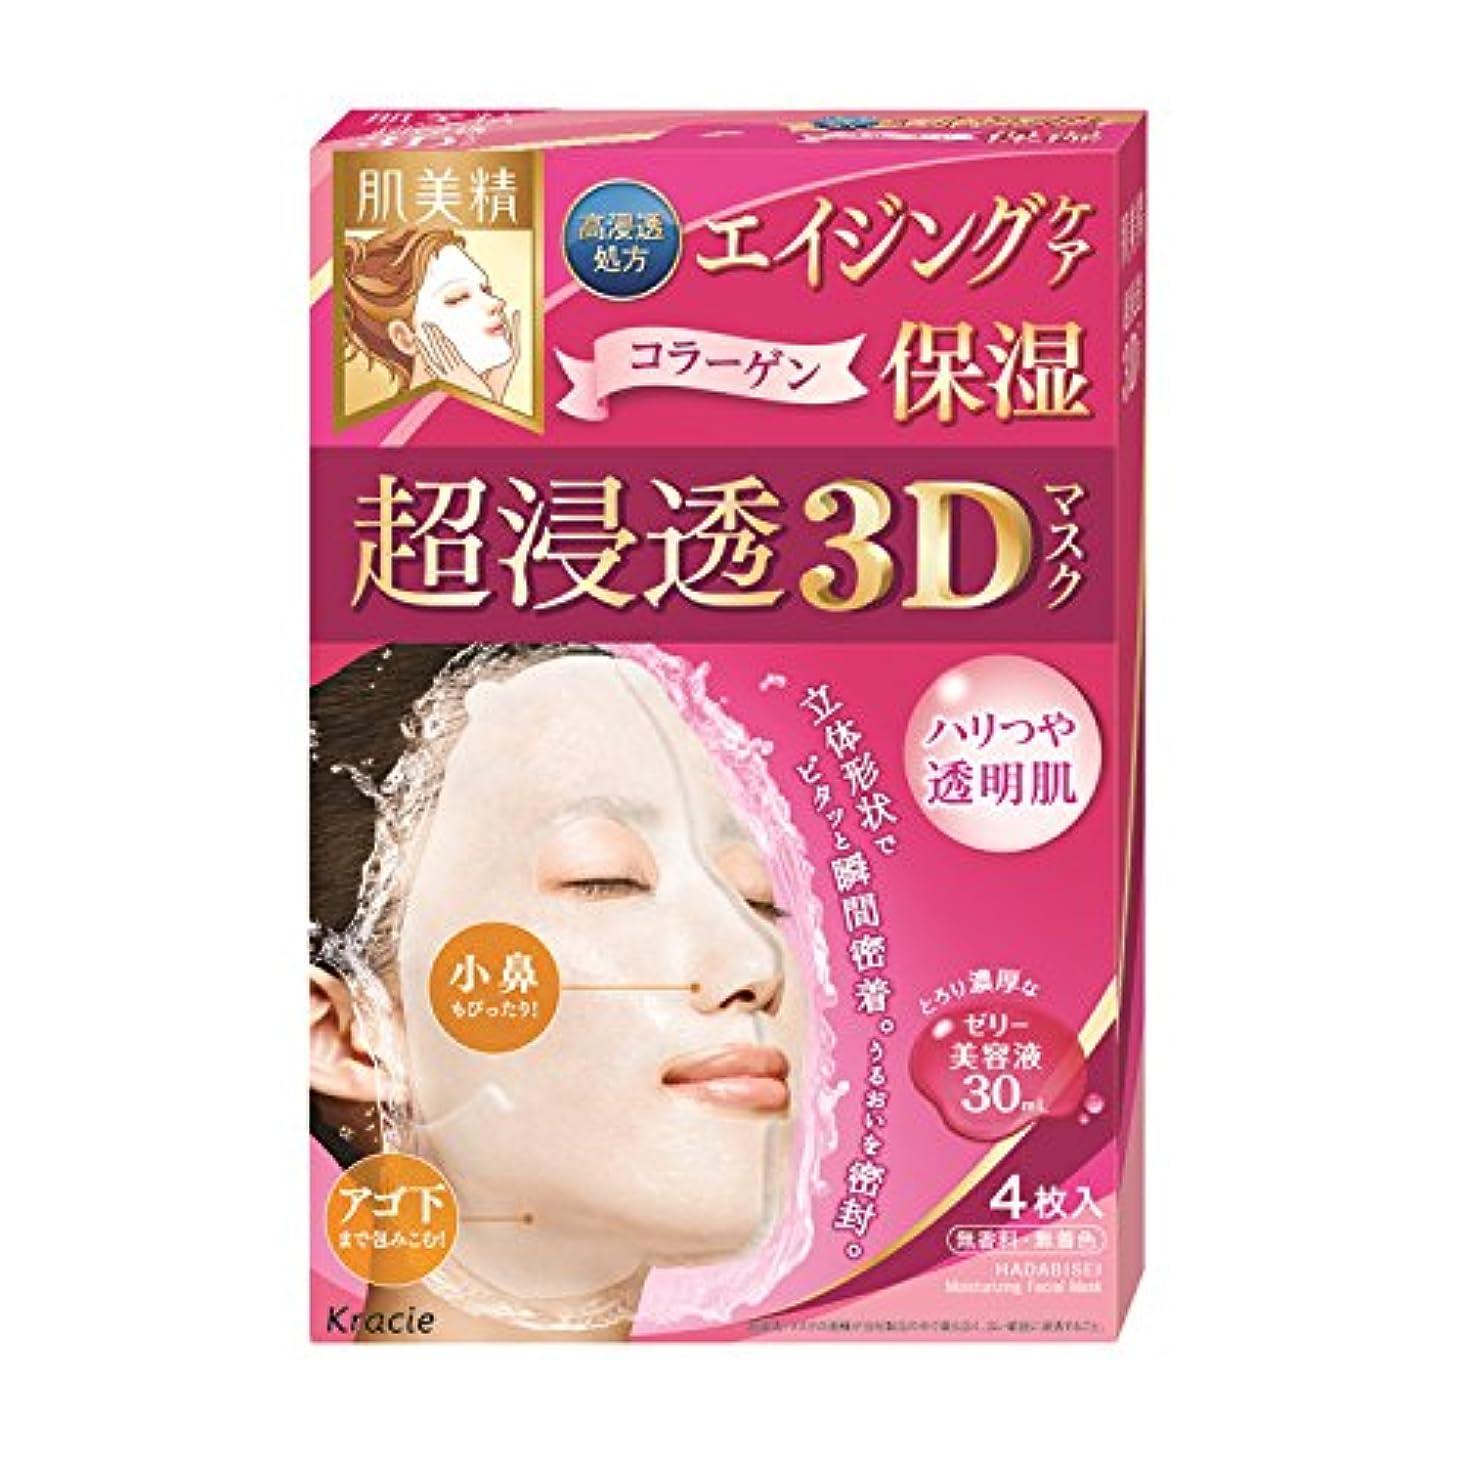 記念日大混乱同行する肌美精 超浸透3Dマスク (エイジング保湿) 4枚